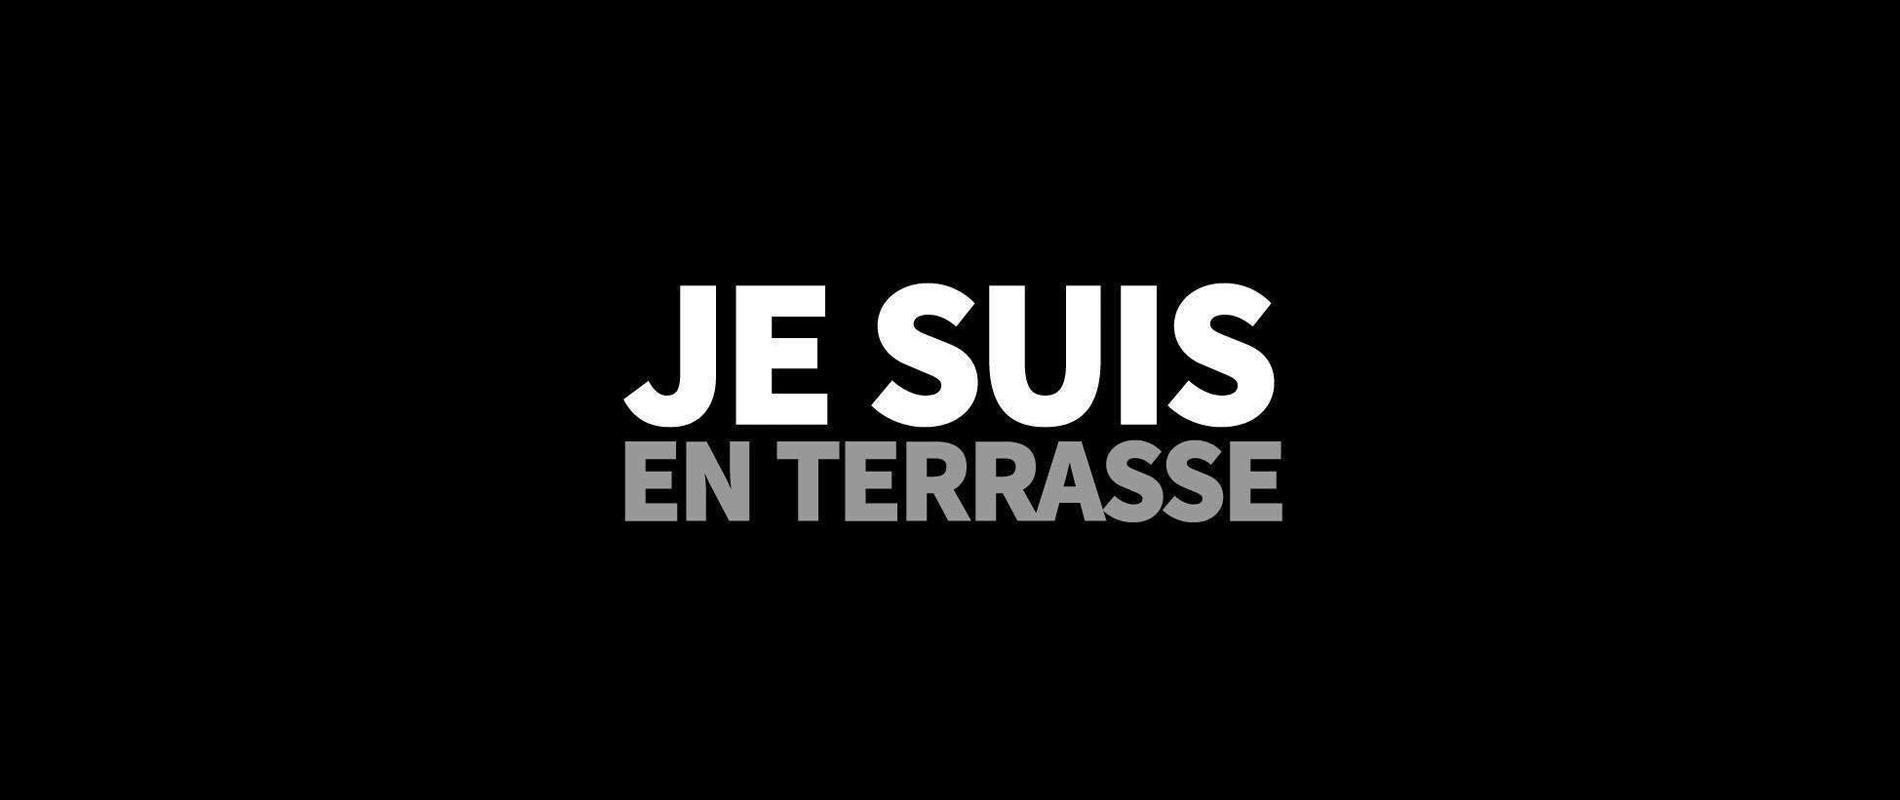 Je Suis En Terrasse nous n'avons pas peur », le message des hashtags - madame figaro